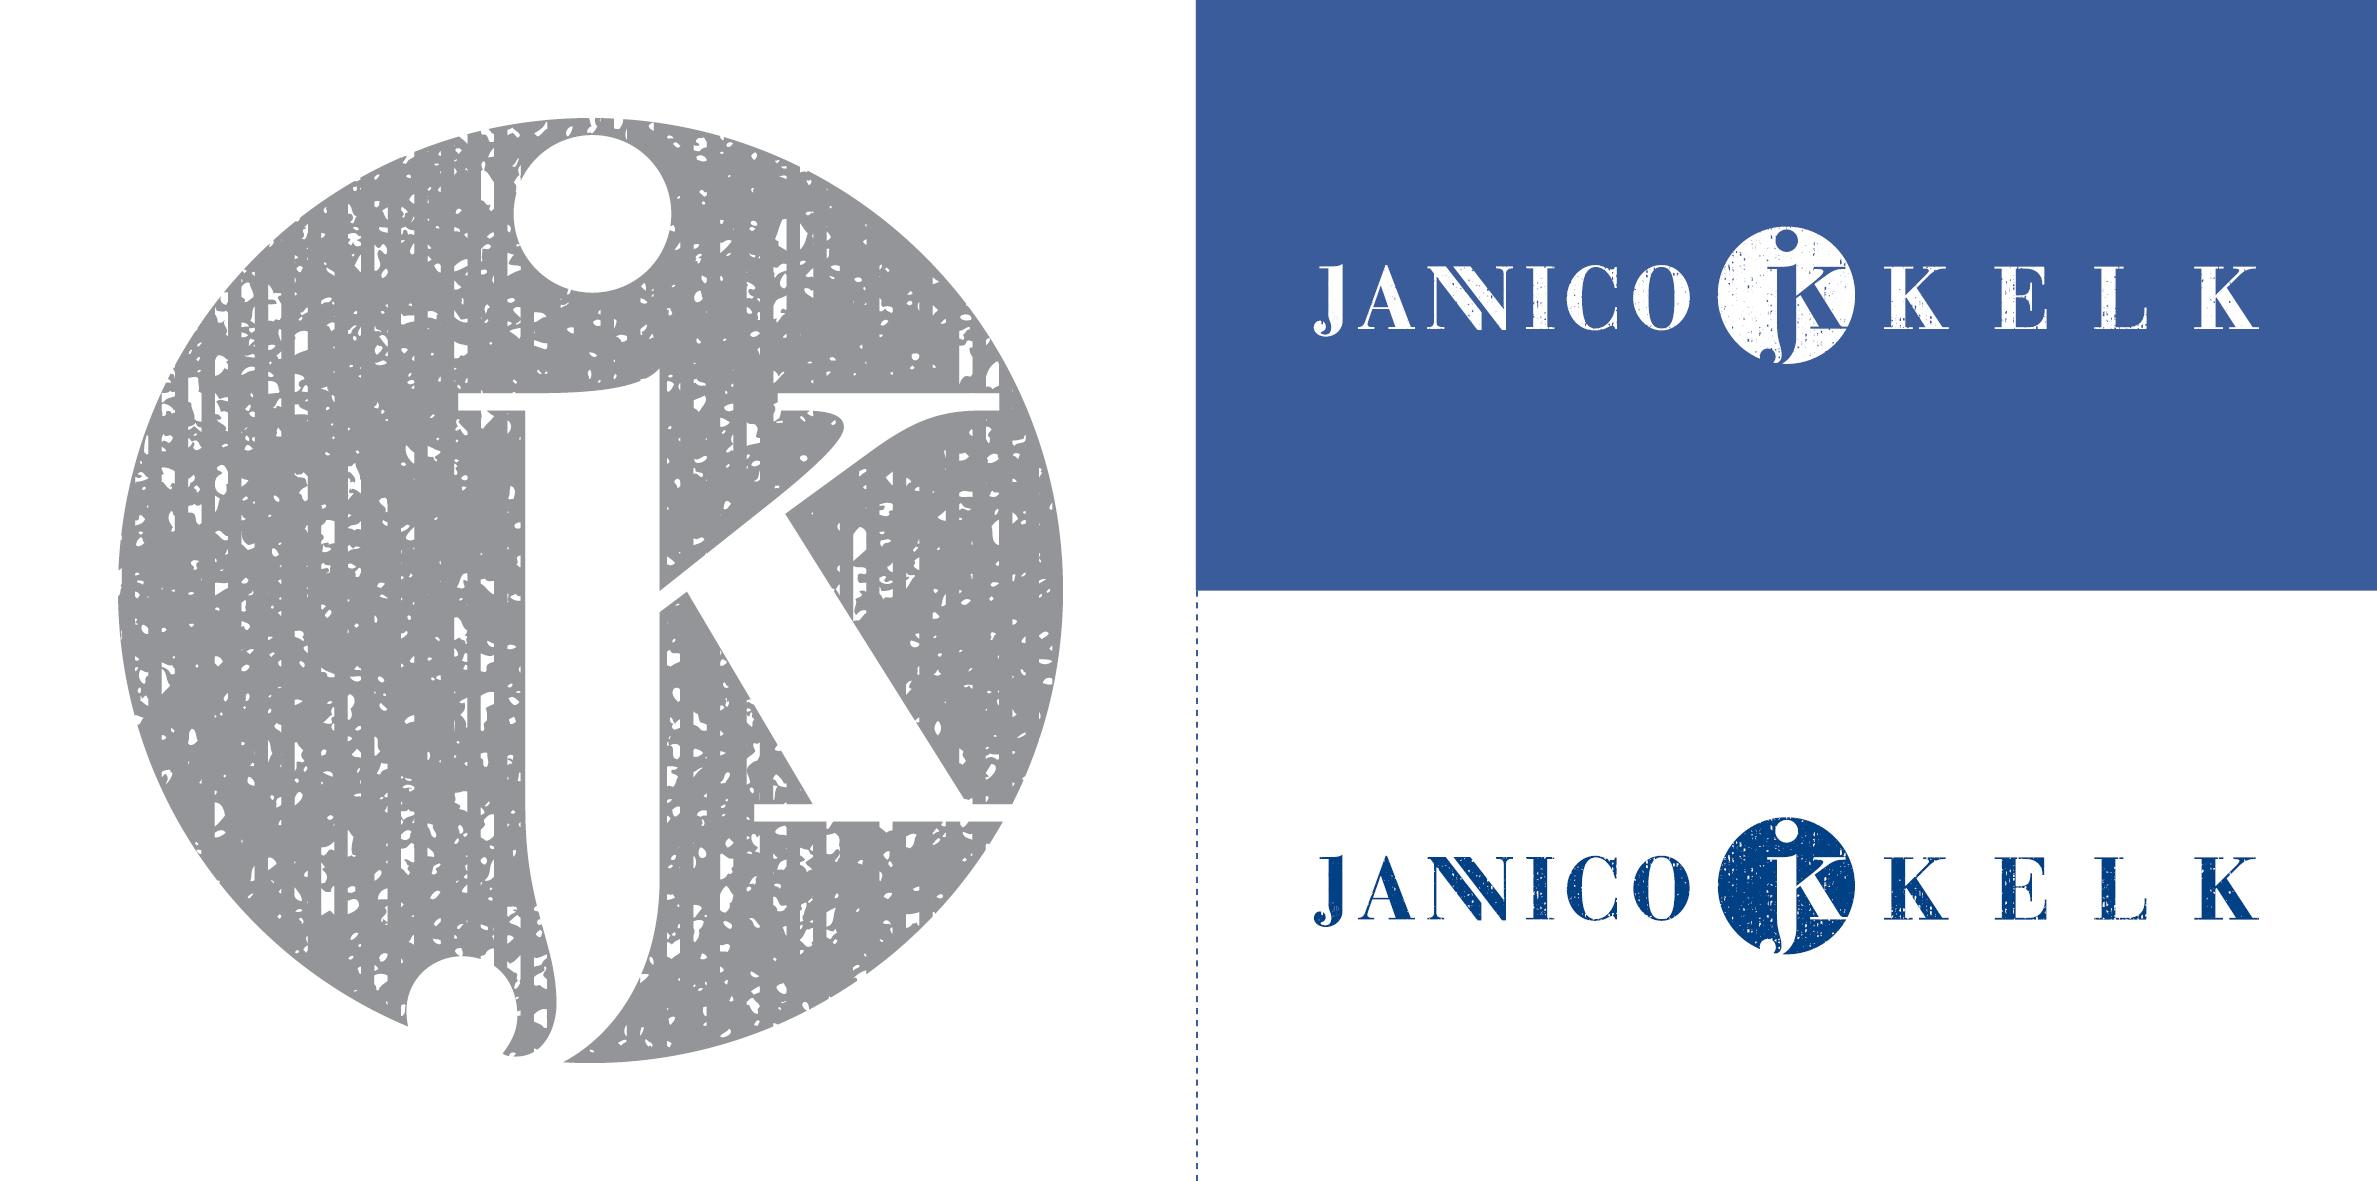 Logo - Jannico Kelk2.jpg